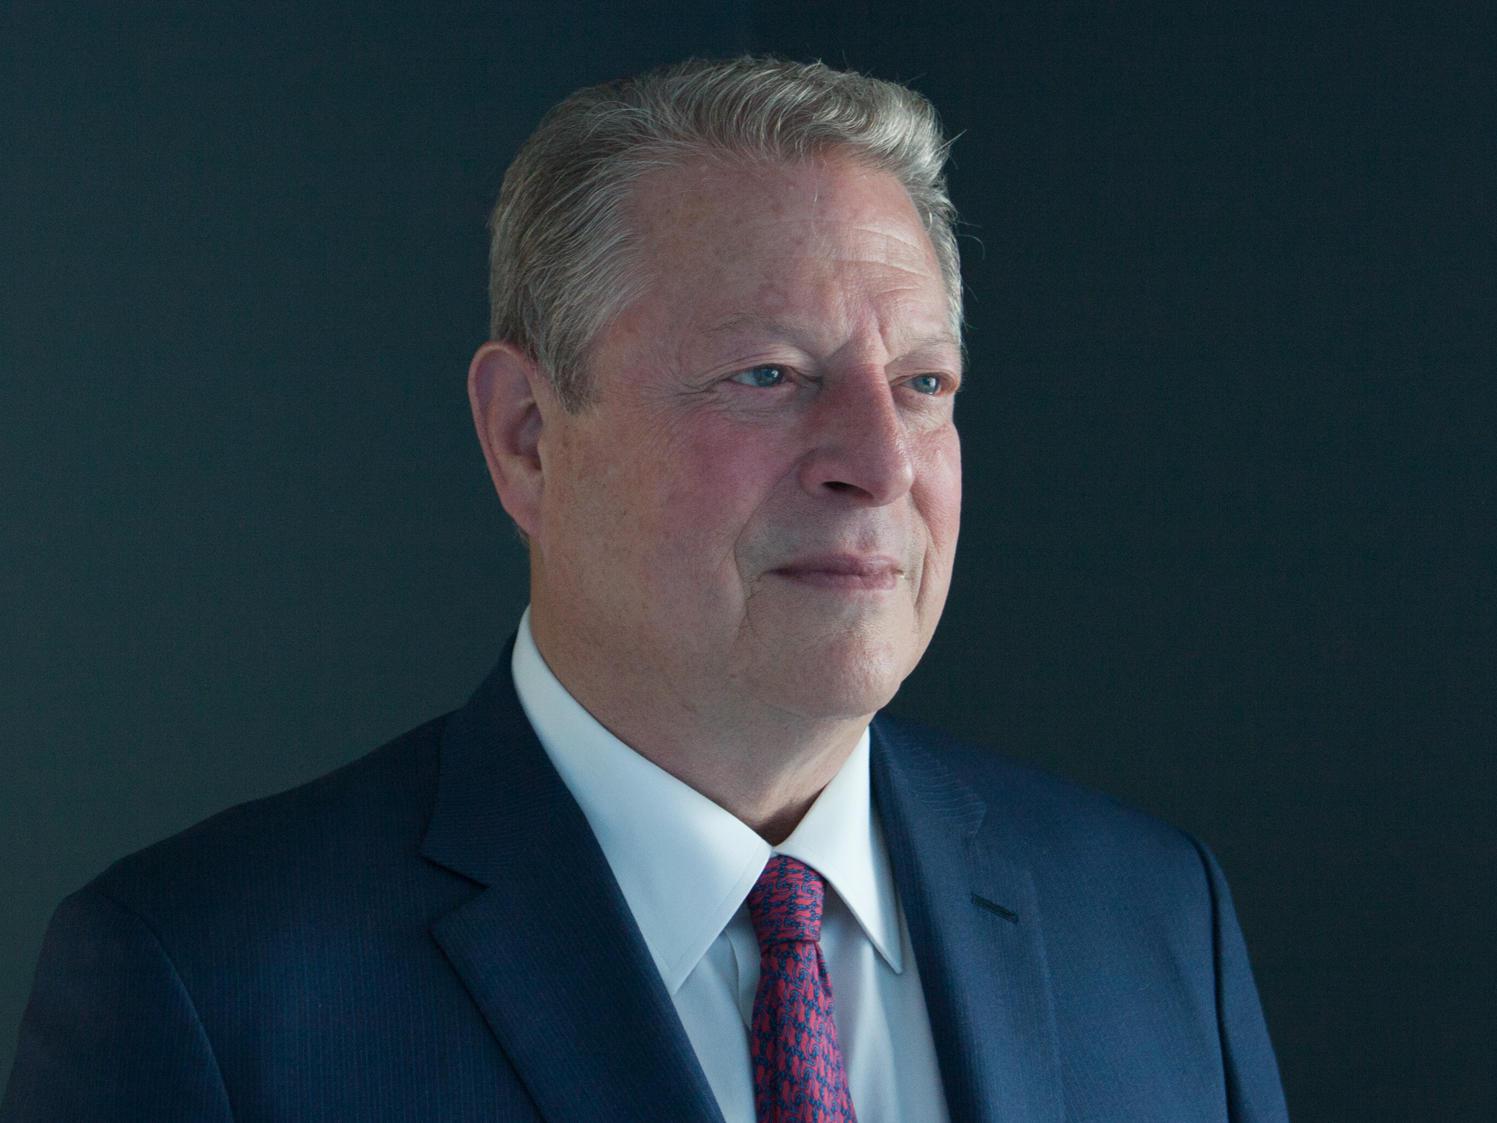 Al Gore Leadership